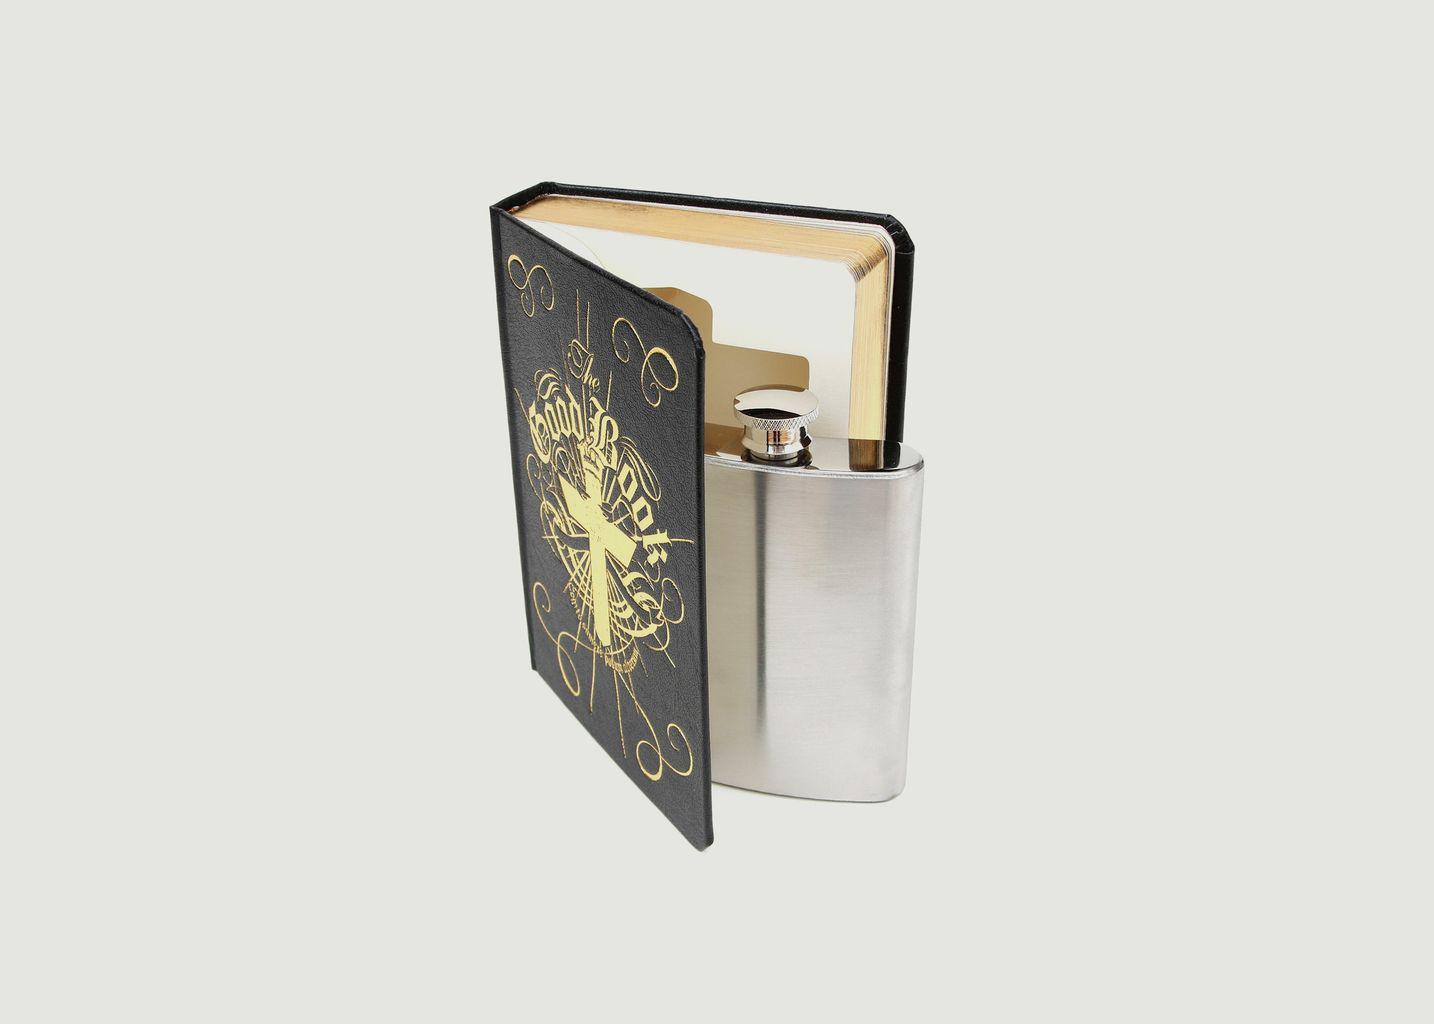 Flacon dans un livre - Suck UK